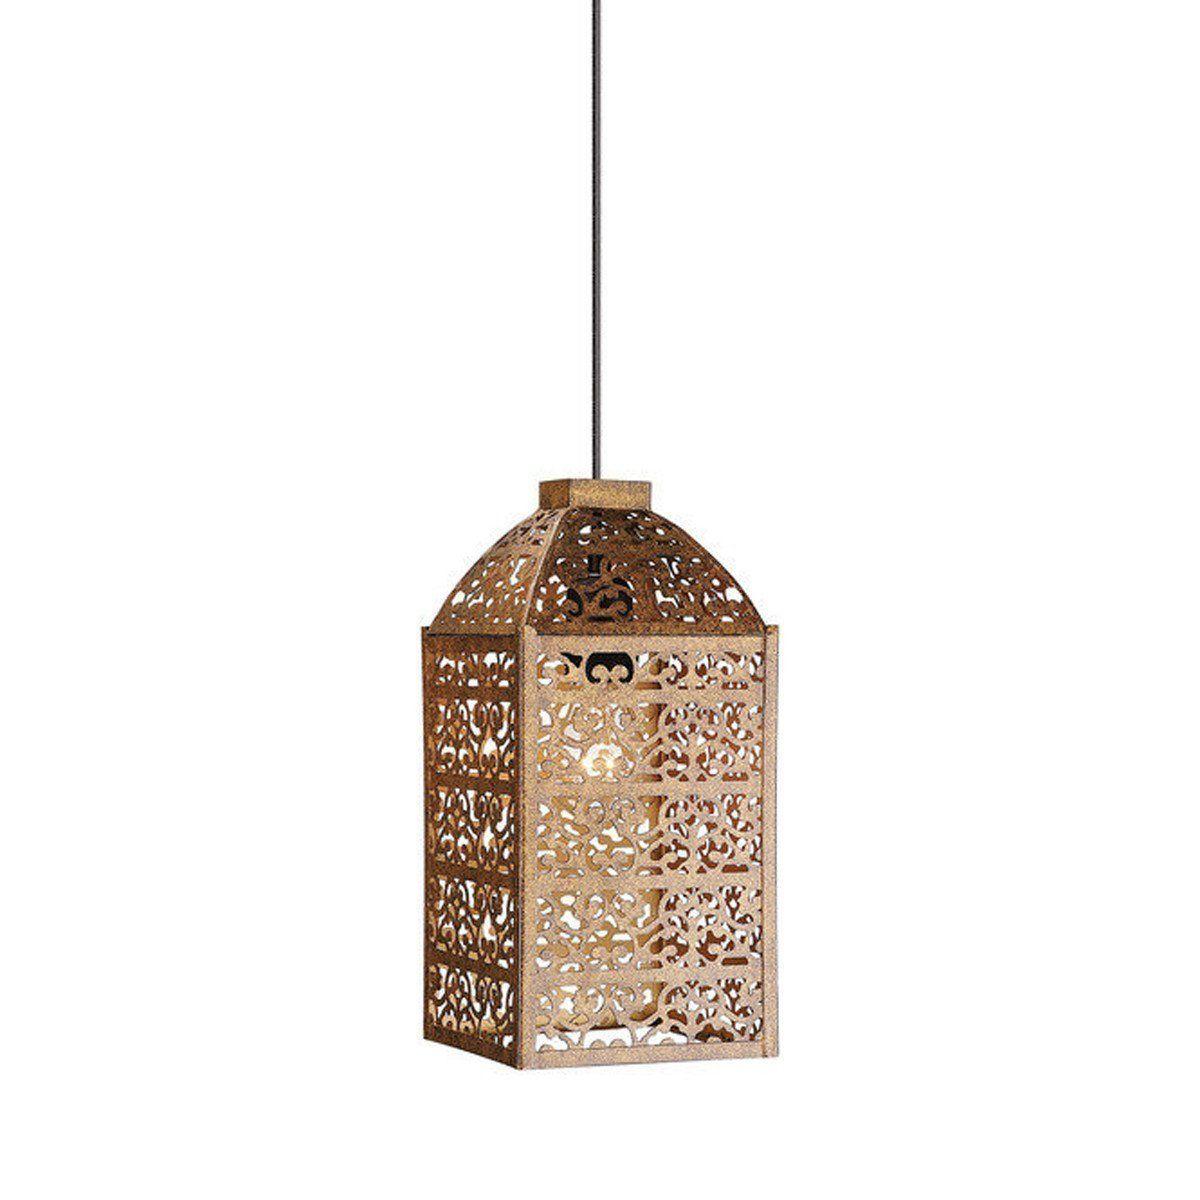 Hanglamp Kooi 1 Bruin | Besselink licht - Nieuwe lampen | Pinterest ...